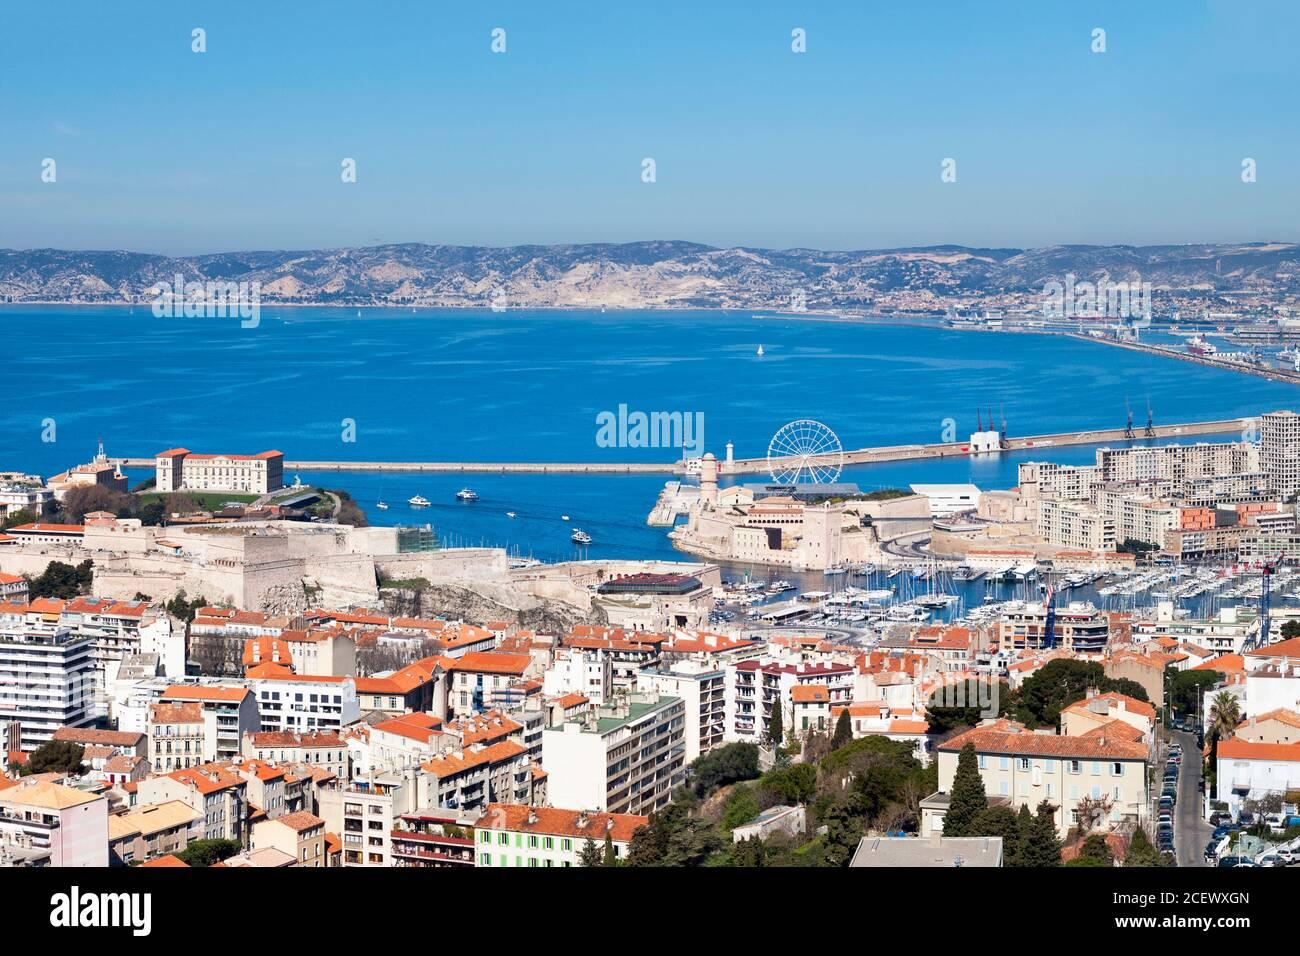 Vista aerea del Vecchio Porto di Marsiglia con il Forte Saint-Jean, il Palais Pharo e il Forte Saint-Nicolas. Foto Stock